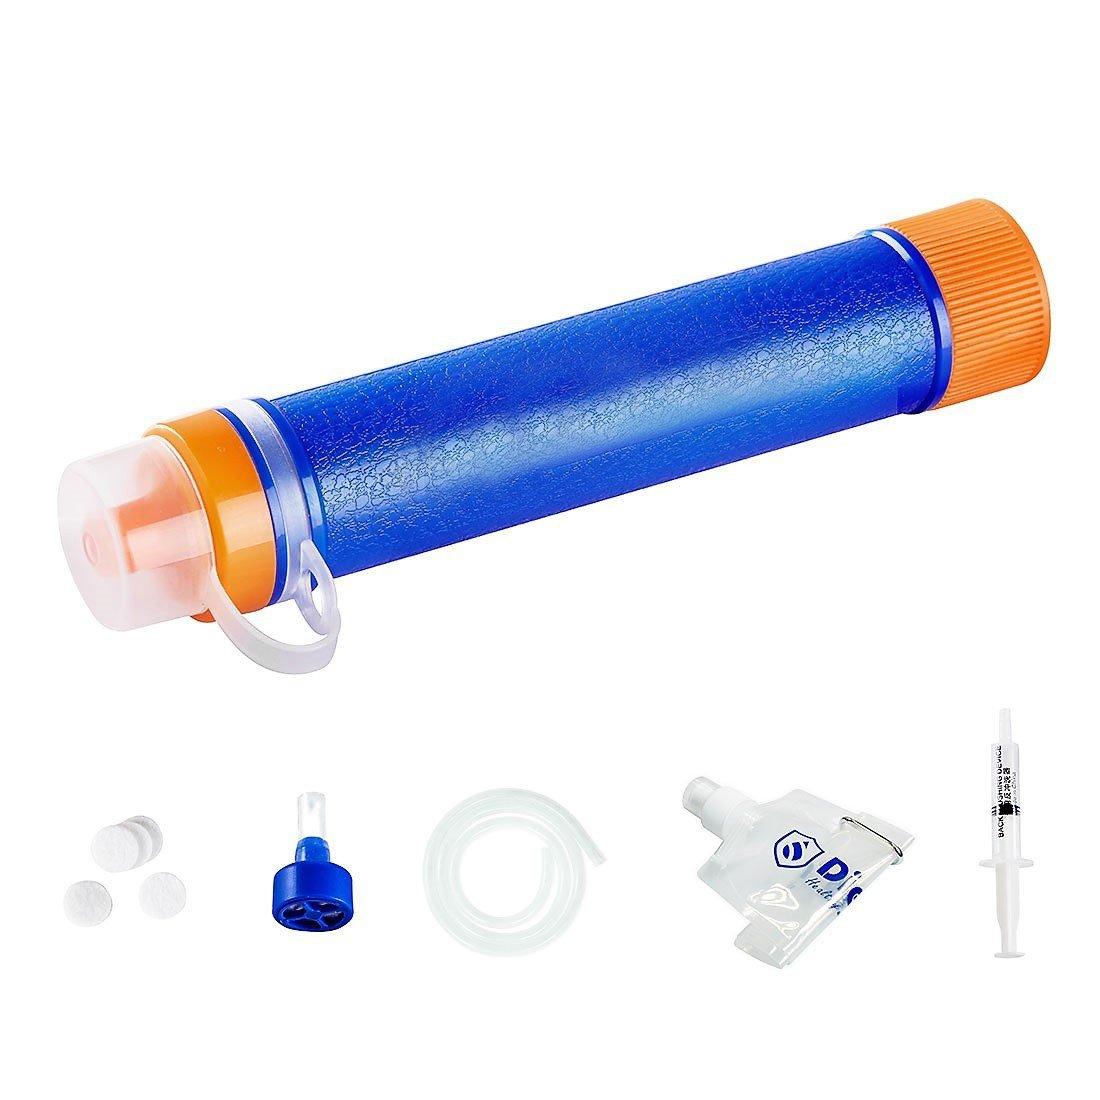 Joyeer Mini Wasser Filtration System Life Straw Portable Survival Gear Notfall Camping Ausrüstung Survival Kit Zubehör für Outdoor Sport Wandern Erkunden Outdoor Survival Relief